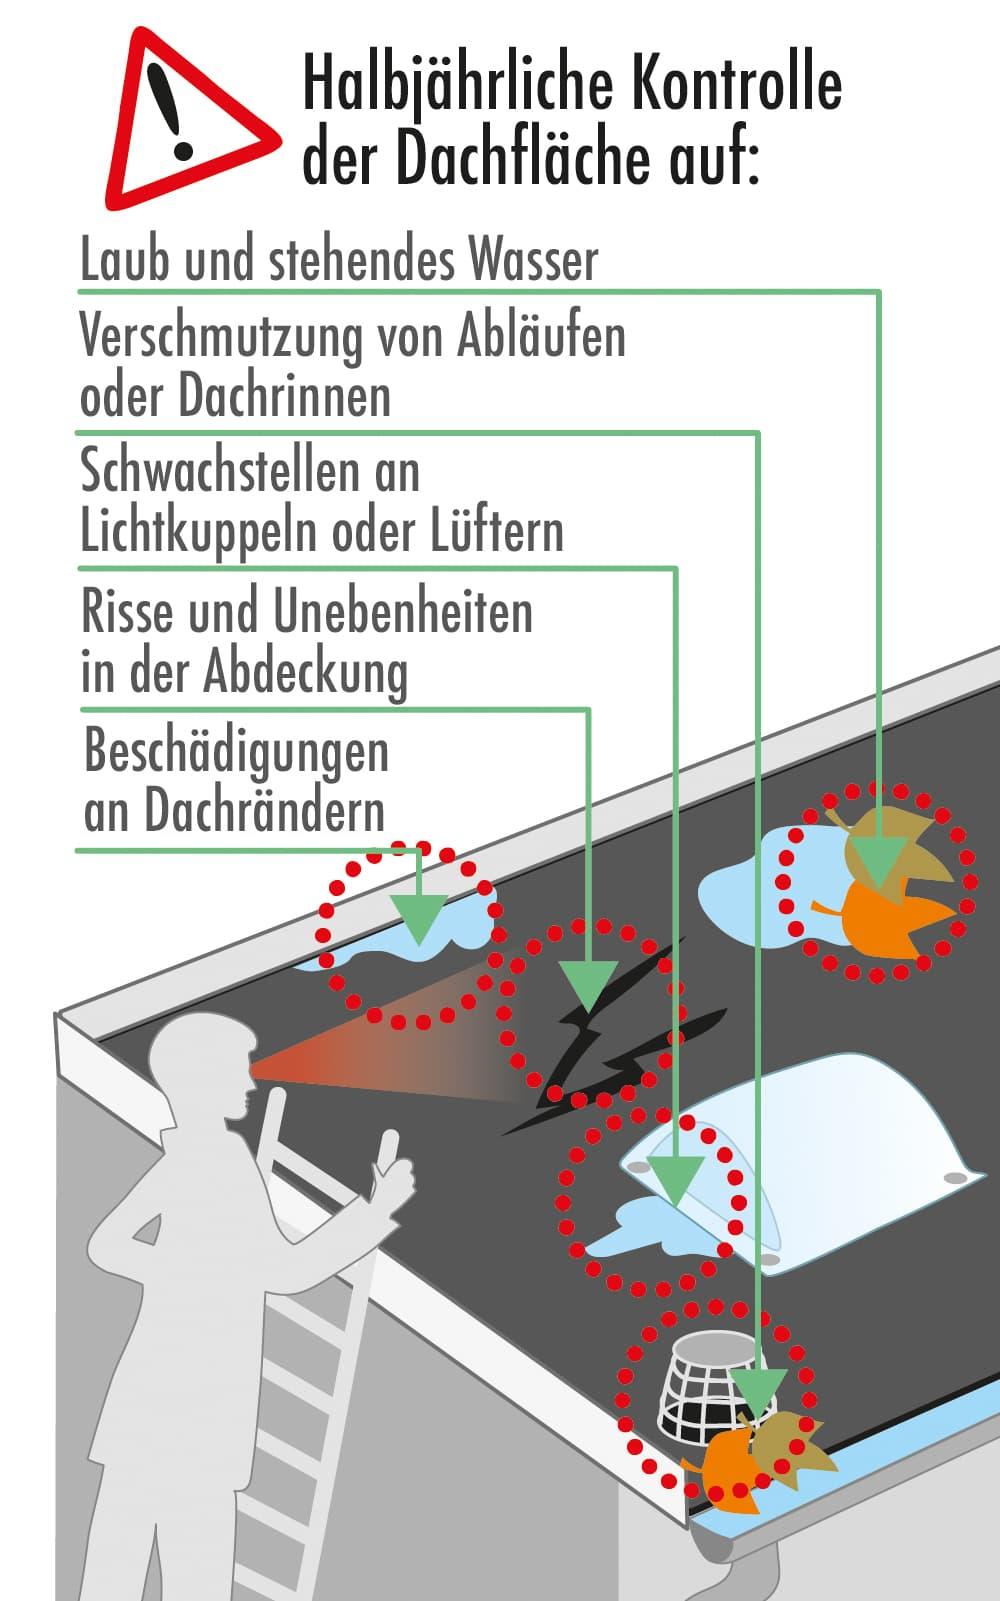 Flachdach: Regelmäßige Kontrolle auf Mängel sinnvoll